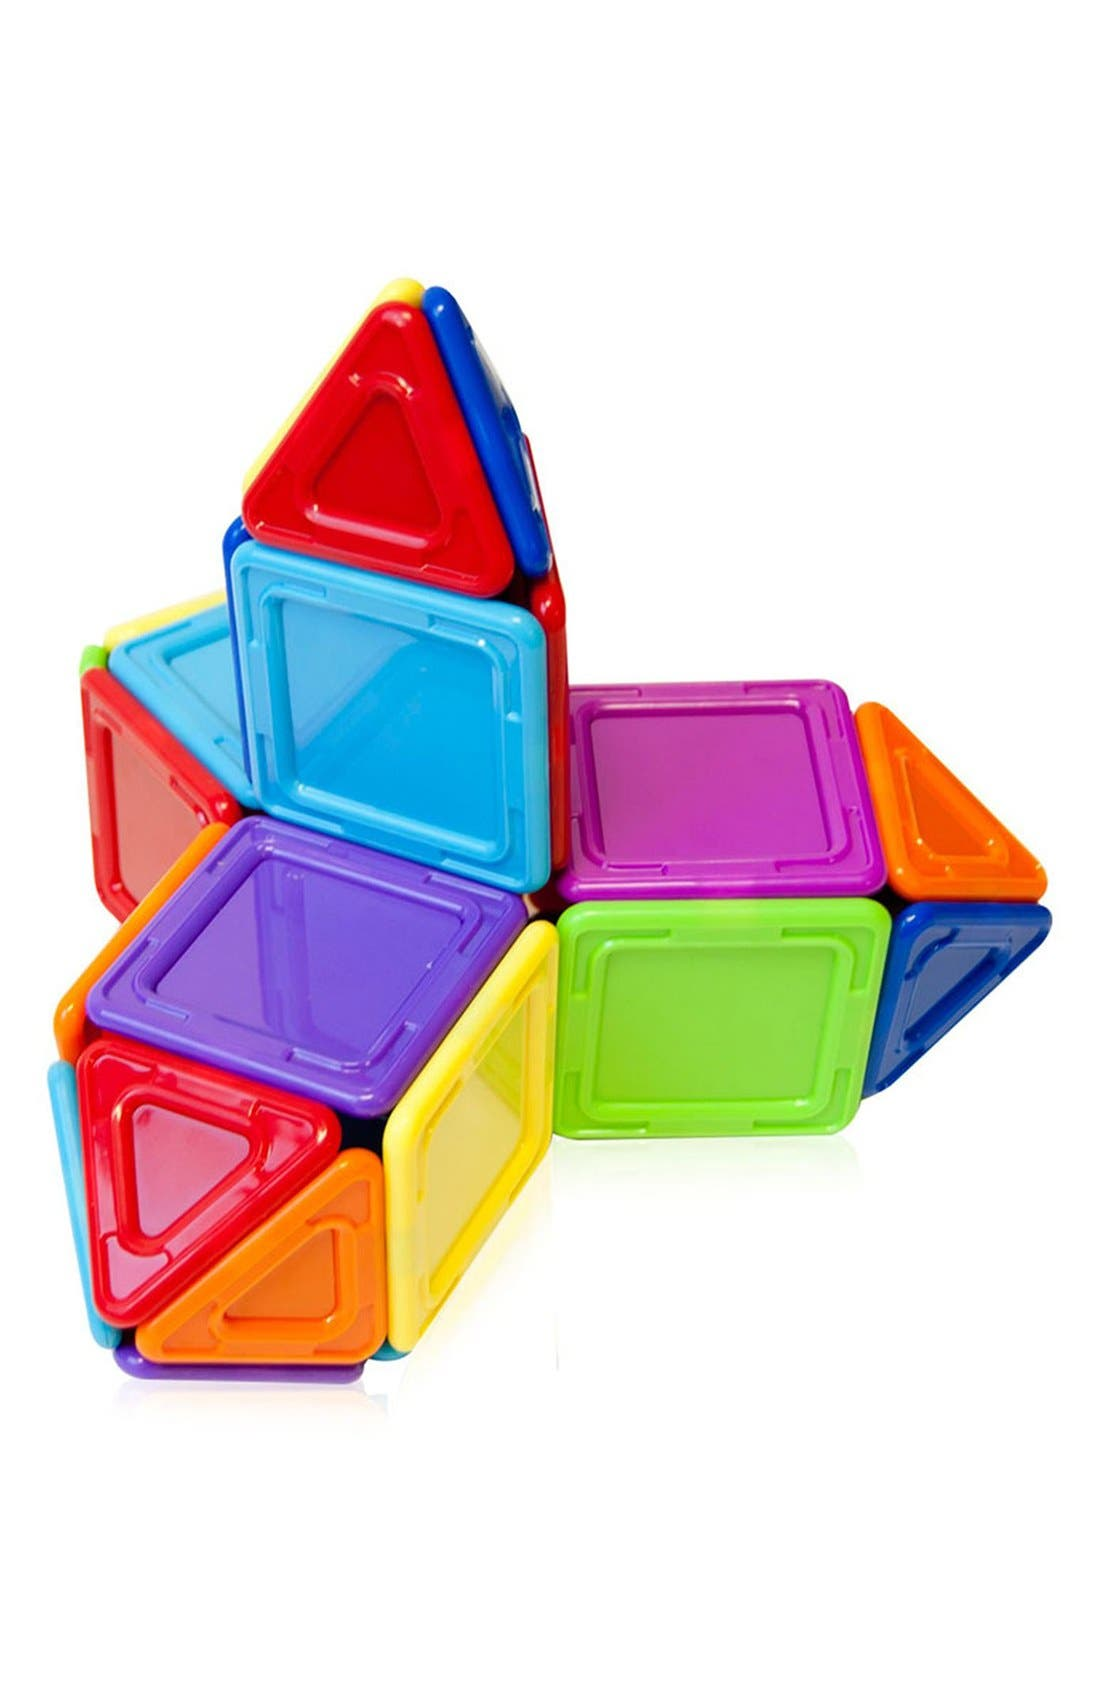 'Standard - Solids' Opaque Magnetic 3D Construction Set,                             Alternate thumbnail 3, color,                             460